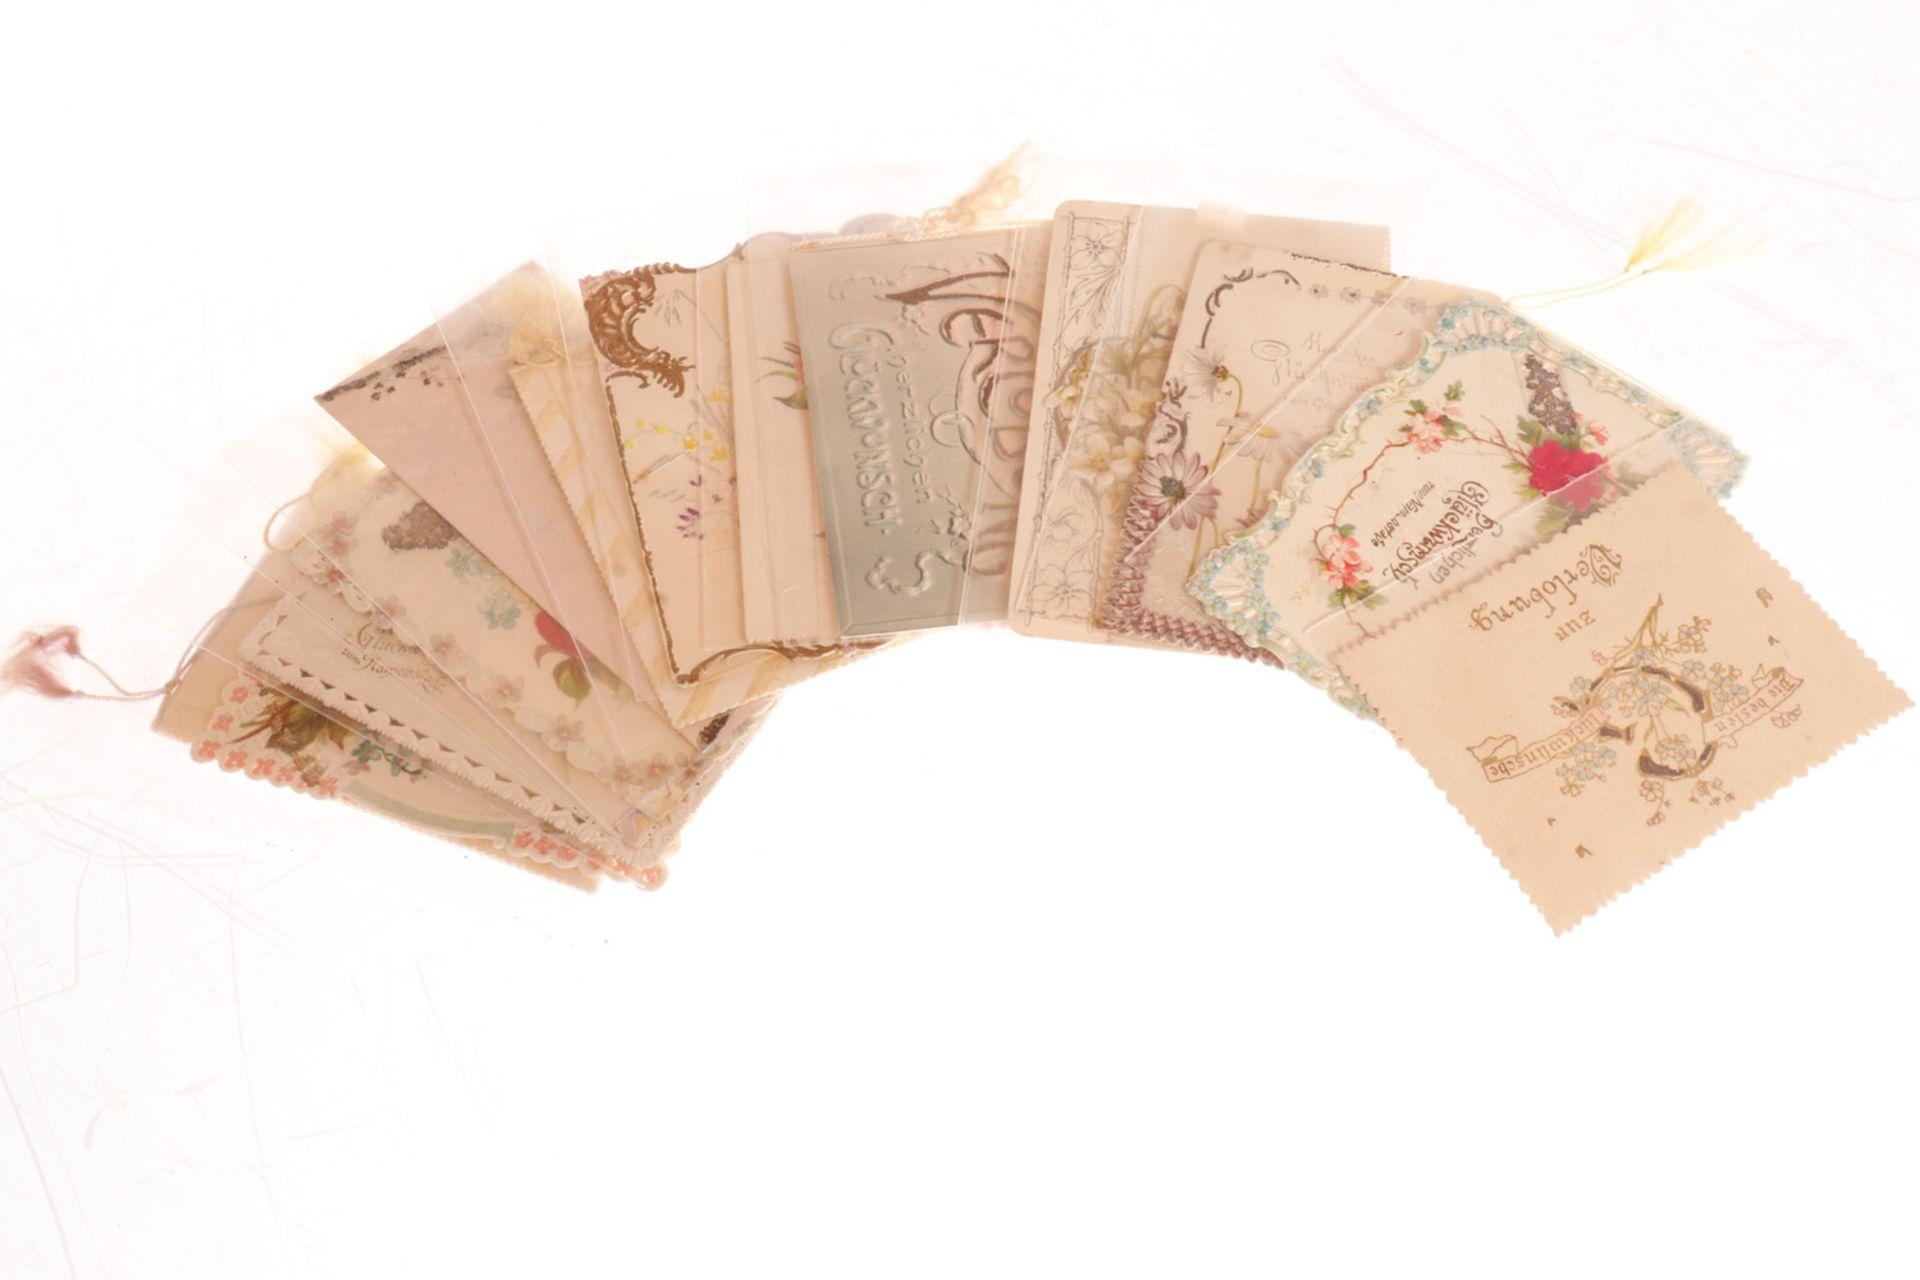 Konv. 15 Glückwunschkarten, um 1900, meist polychromer Prägedruck, tw Stanzspitze, leichte